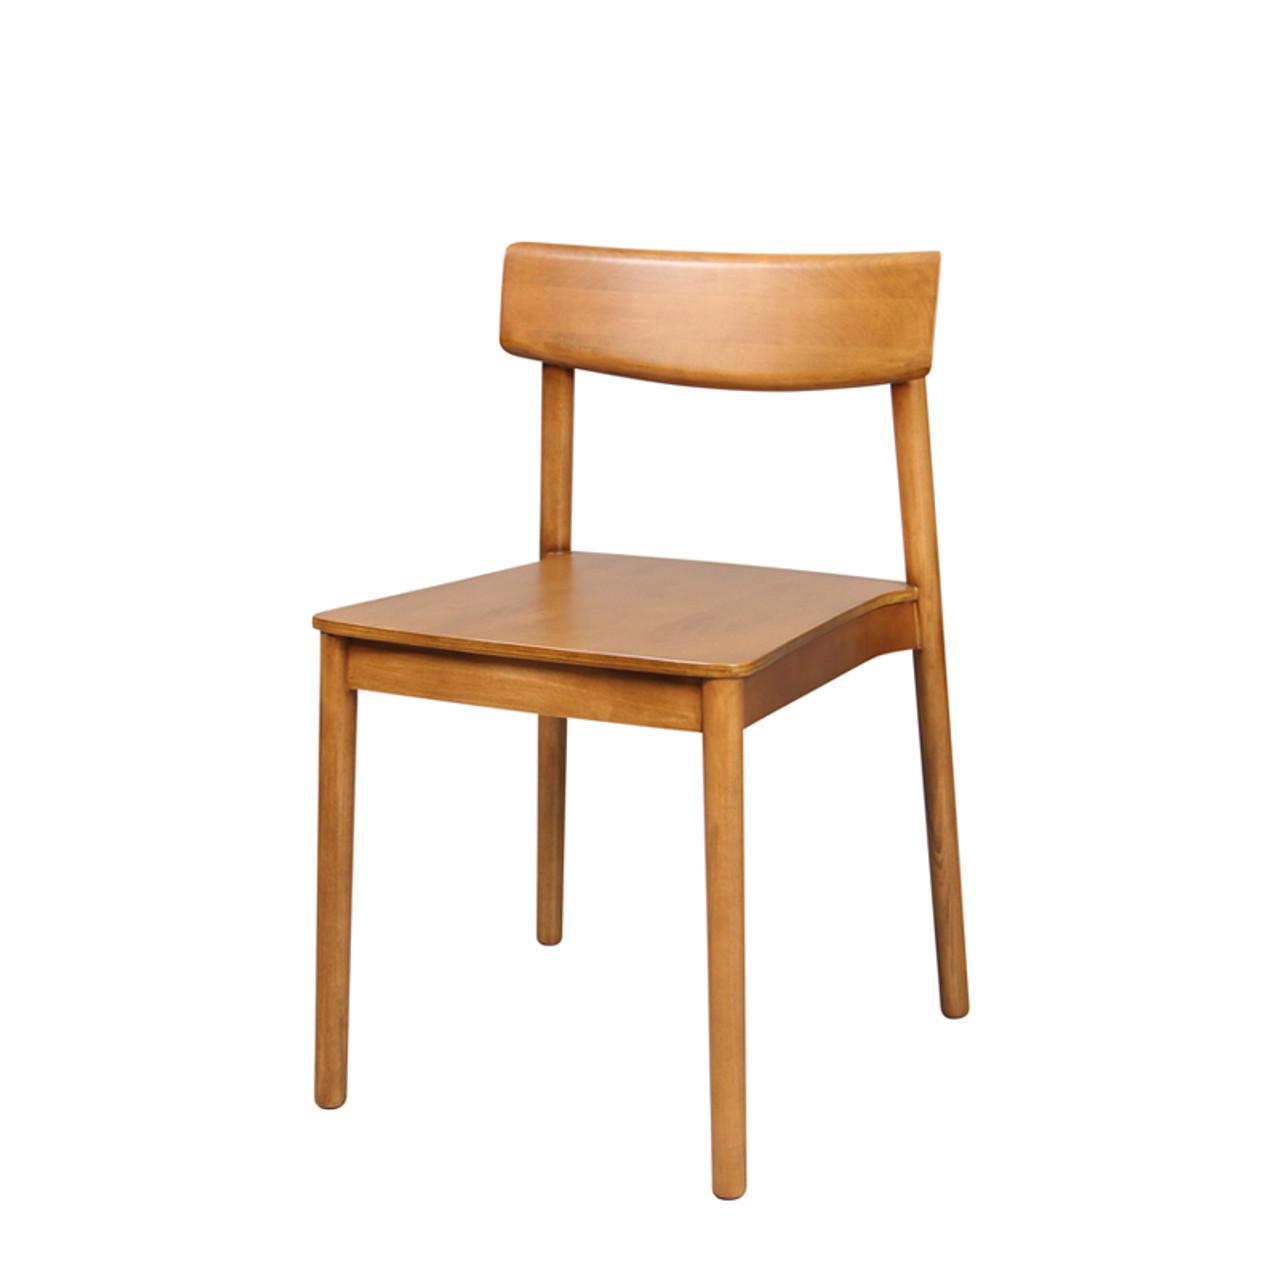 Pleasing Penny Chair Kian Contract Com My Inzonedesignstudio Interior Chair Design Inzonedesignstudiocom